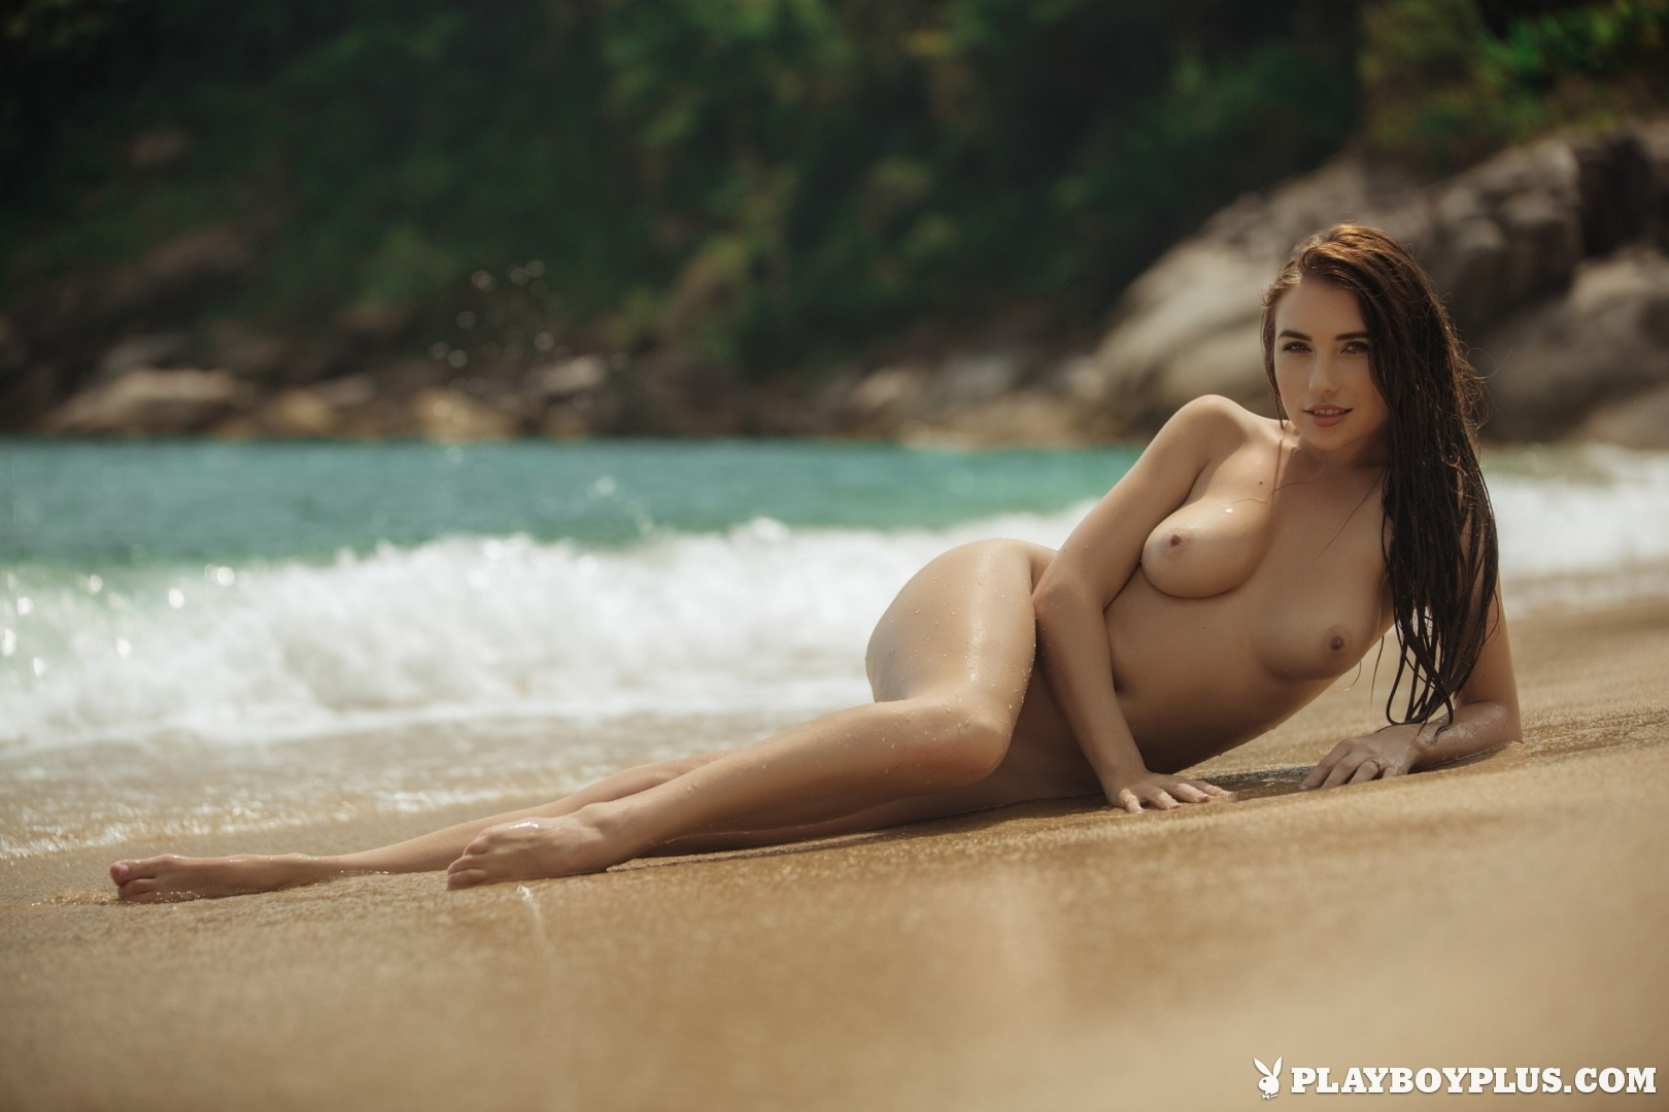 Playboy Plus | Niemira in Kicking up Sand 20